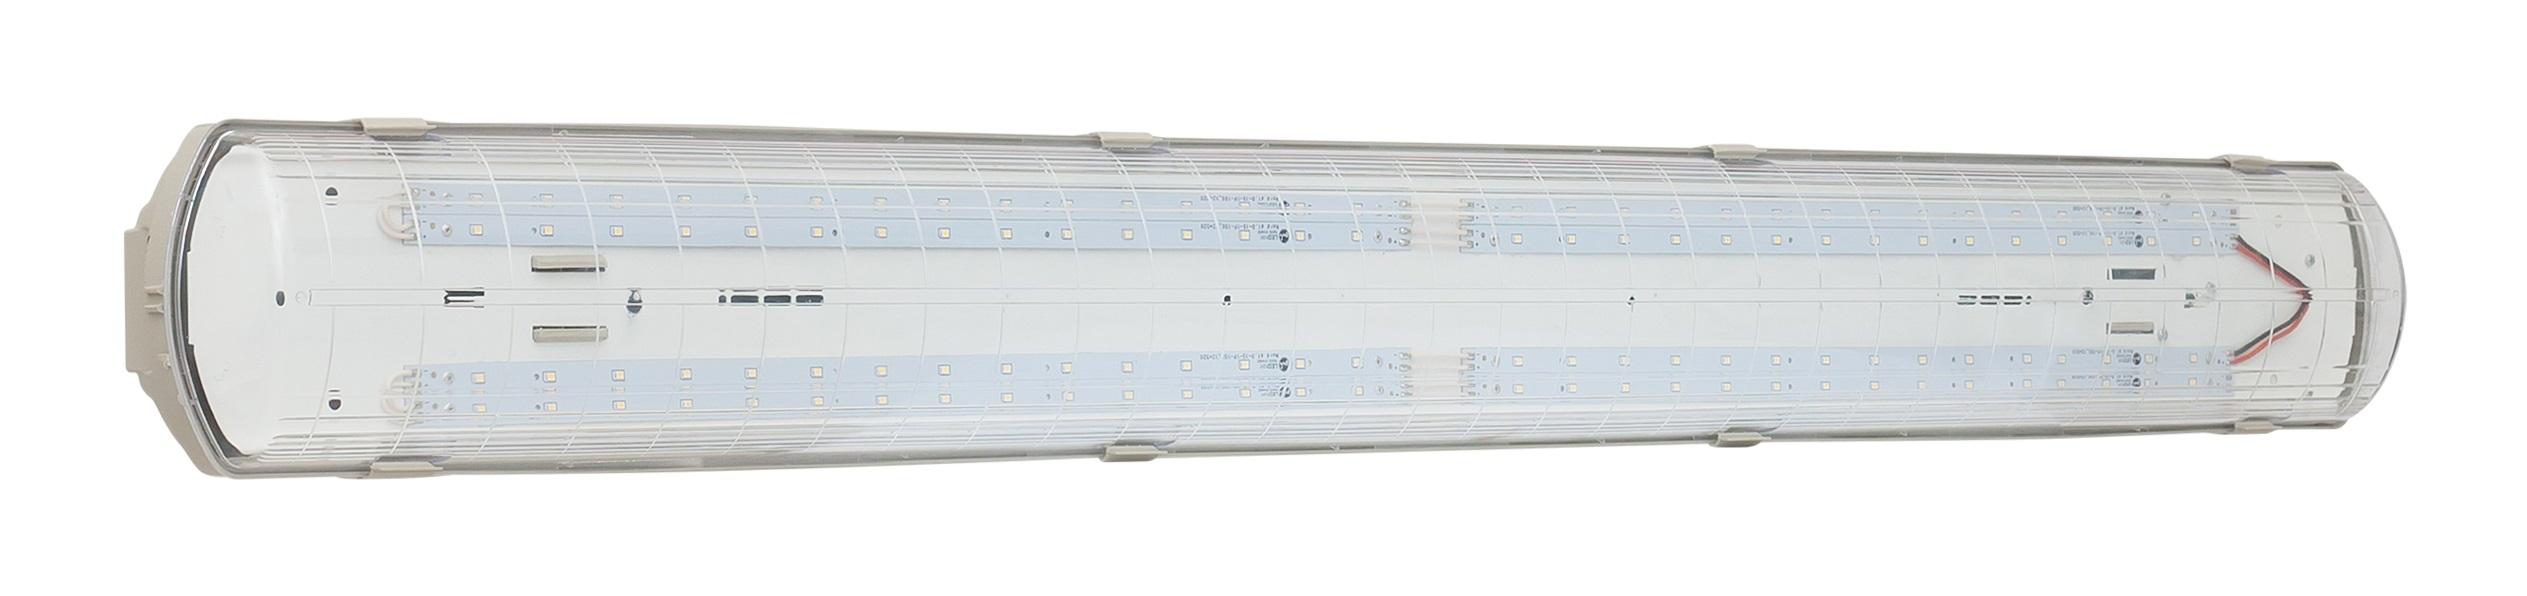 Промышленный светодиодный светильник LedNik ПСО 24 (600мм) IP 65